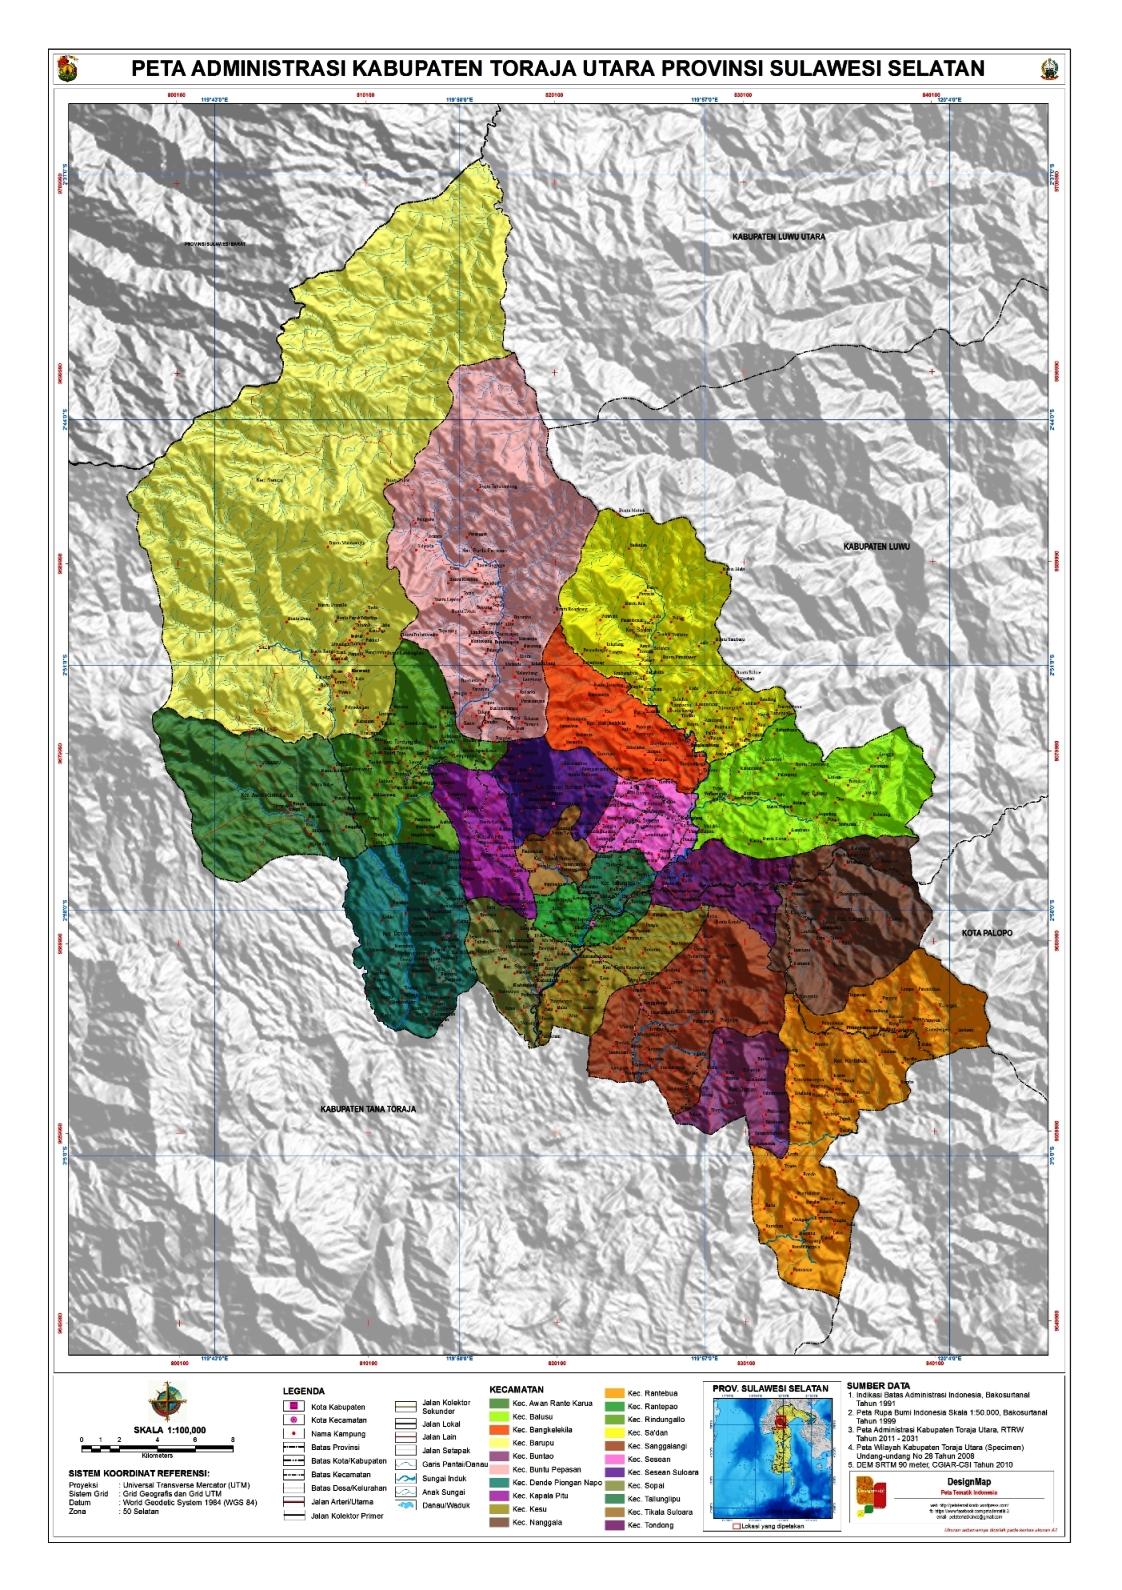 Peta Kota: Peta Kabupaten Toraja Utara